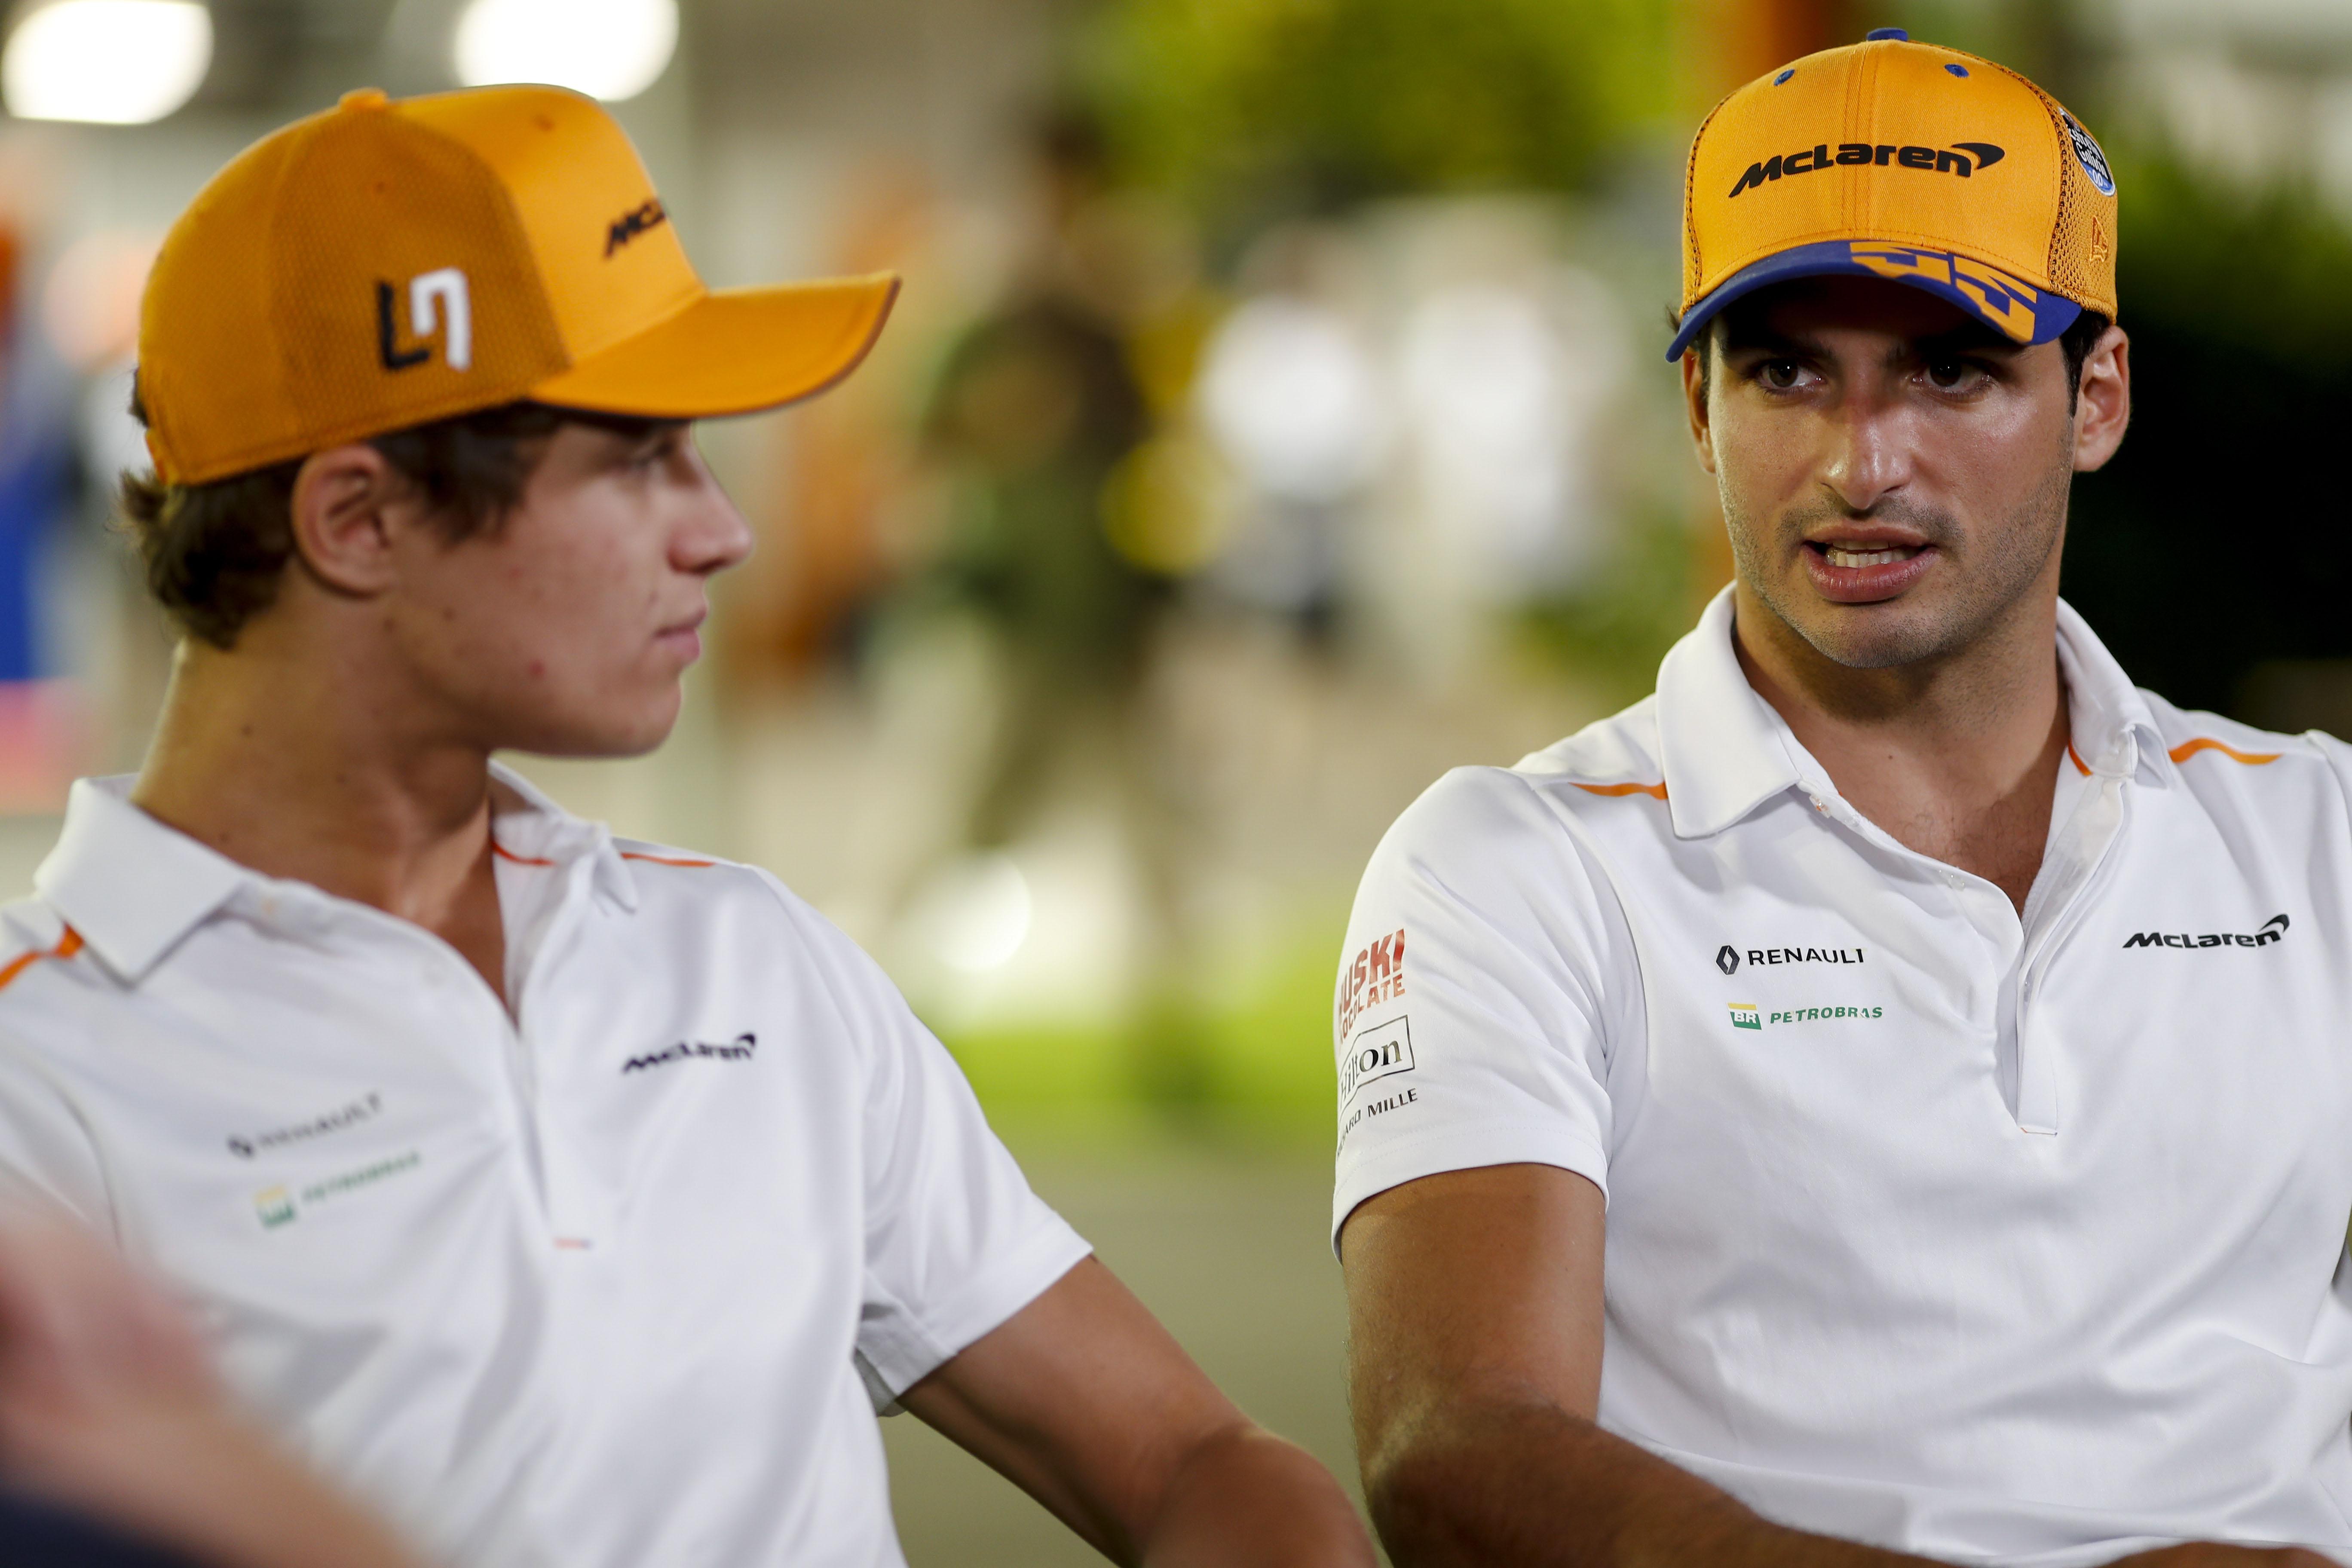 Coronavirus : les pilotes McLaren réduisent volontairement leurs salaires, Hamilton et les autres pourraient suivre